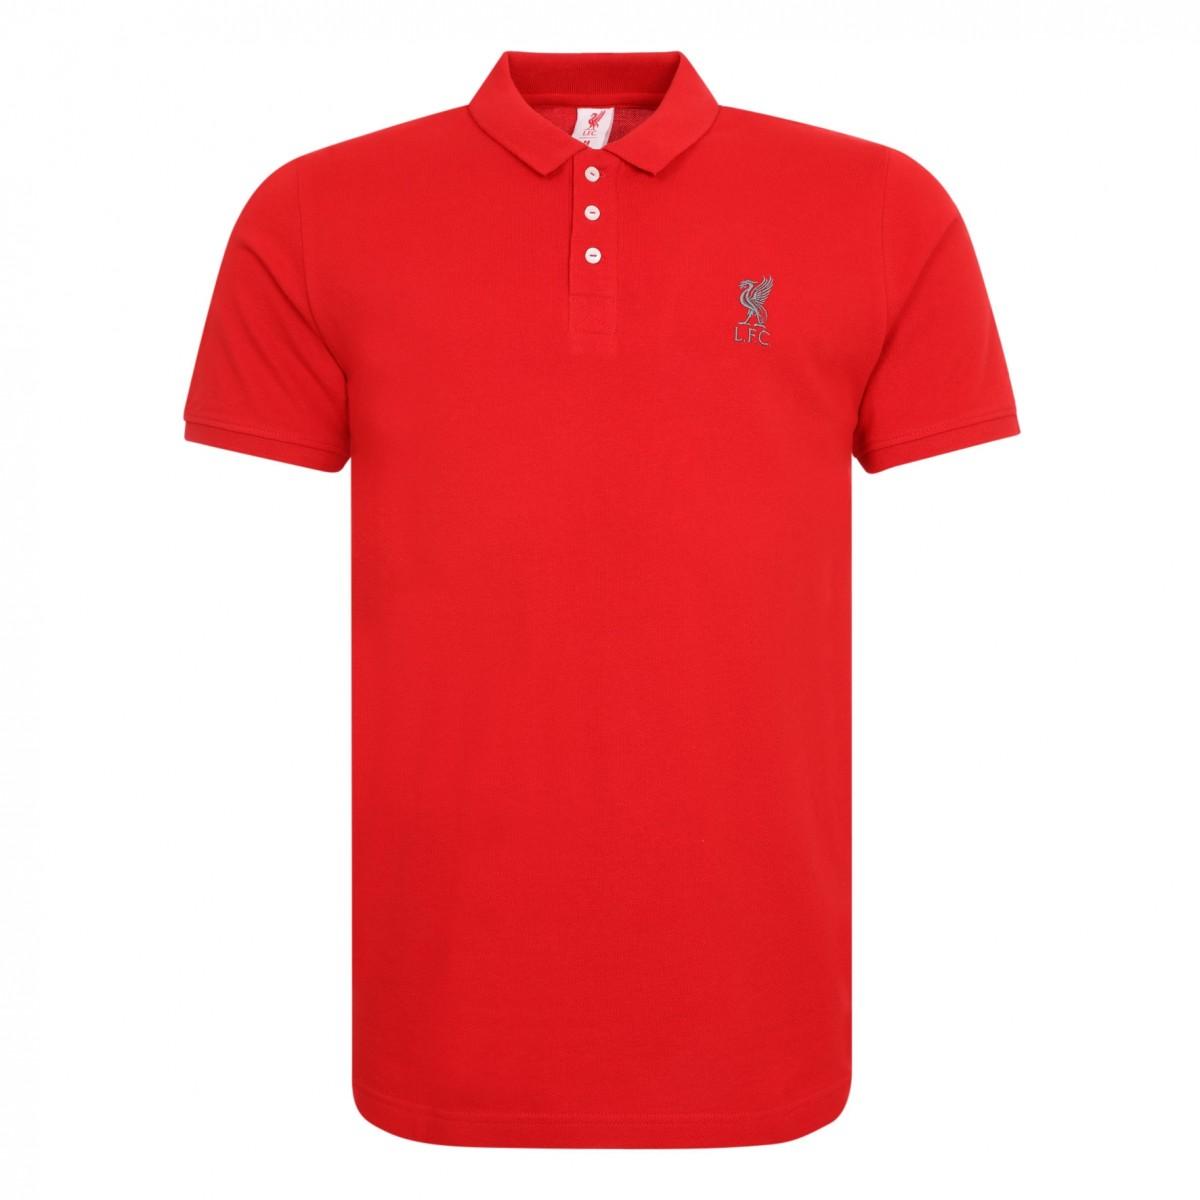 เสื้อโปโลลิเวอร์พูลของแท้ Mens Red Conninsby Polo Shirt